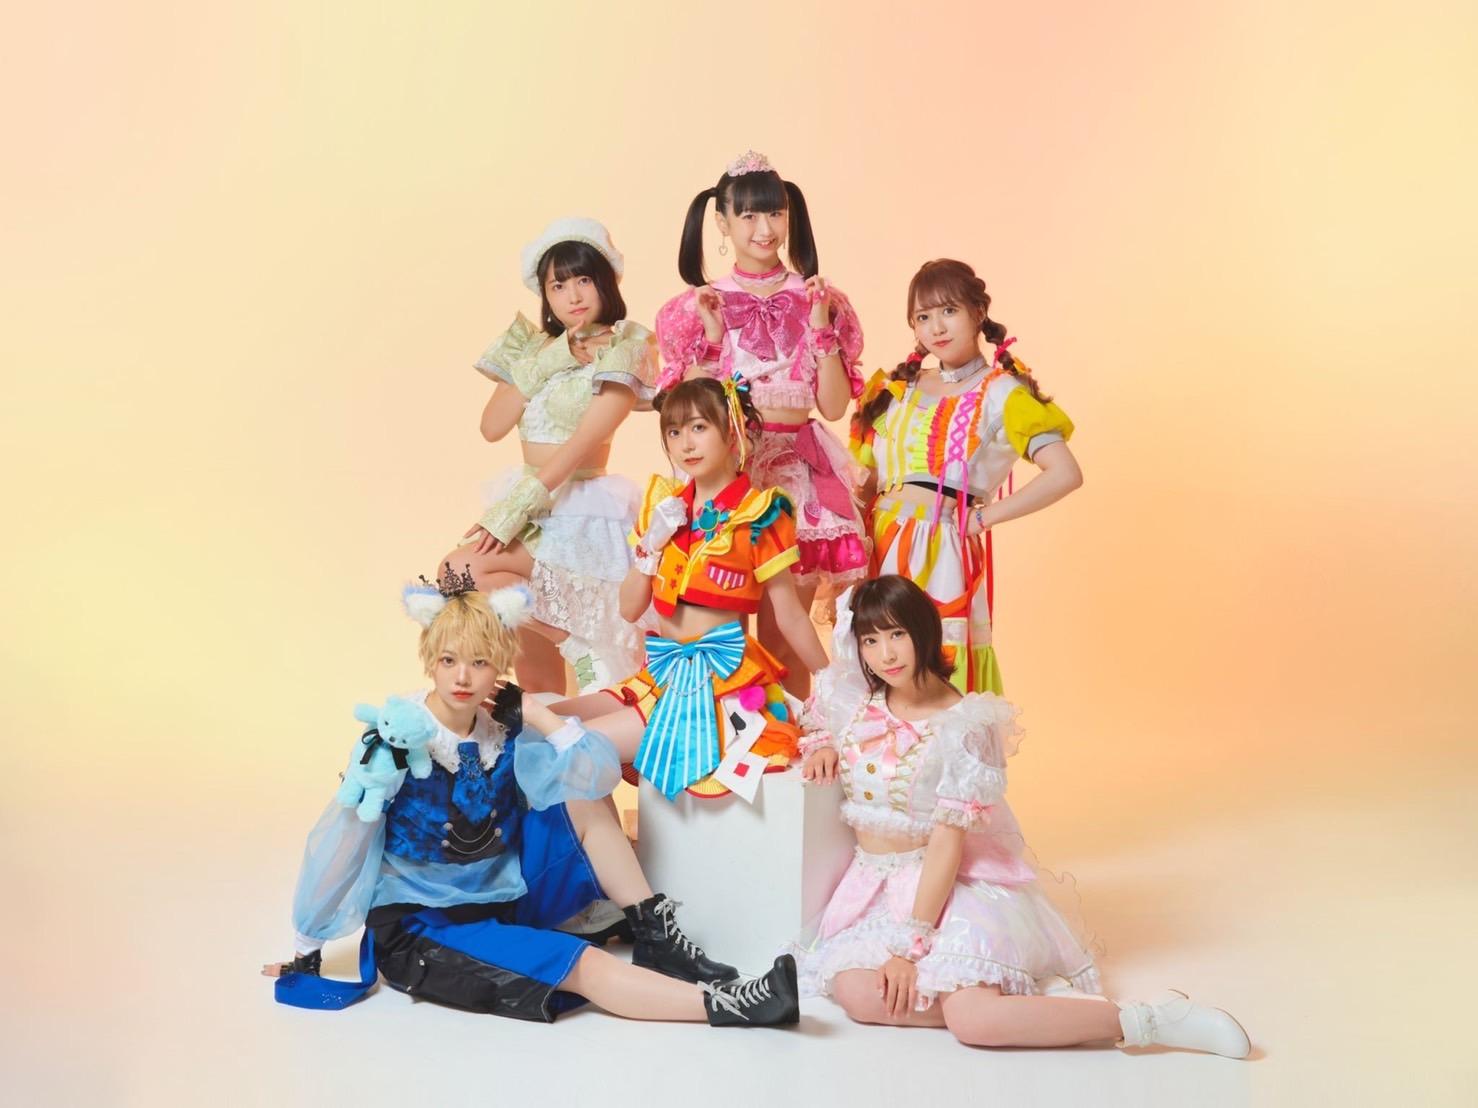 2021/10/24(日) 【eN】定期公演『eN rich life』vol.9  渋谷DESEO